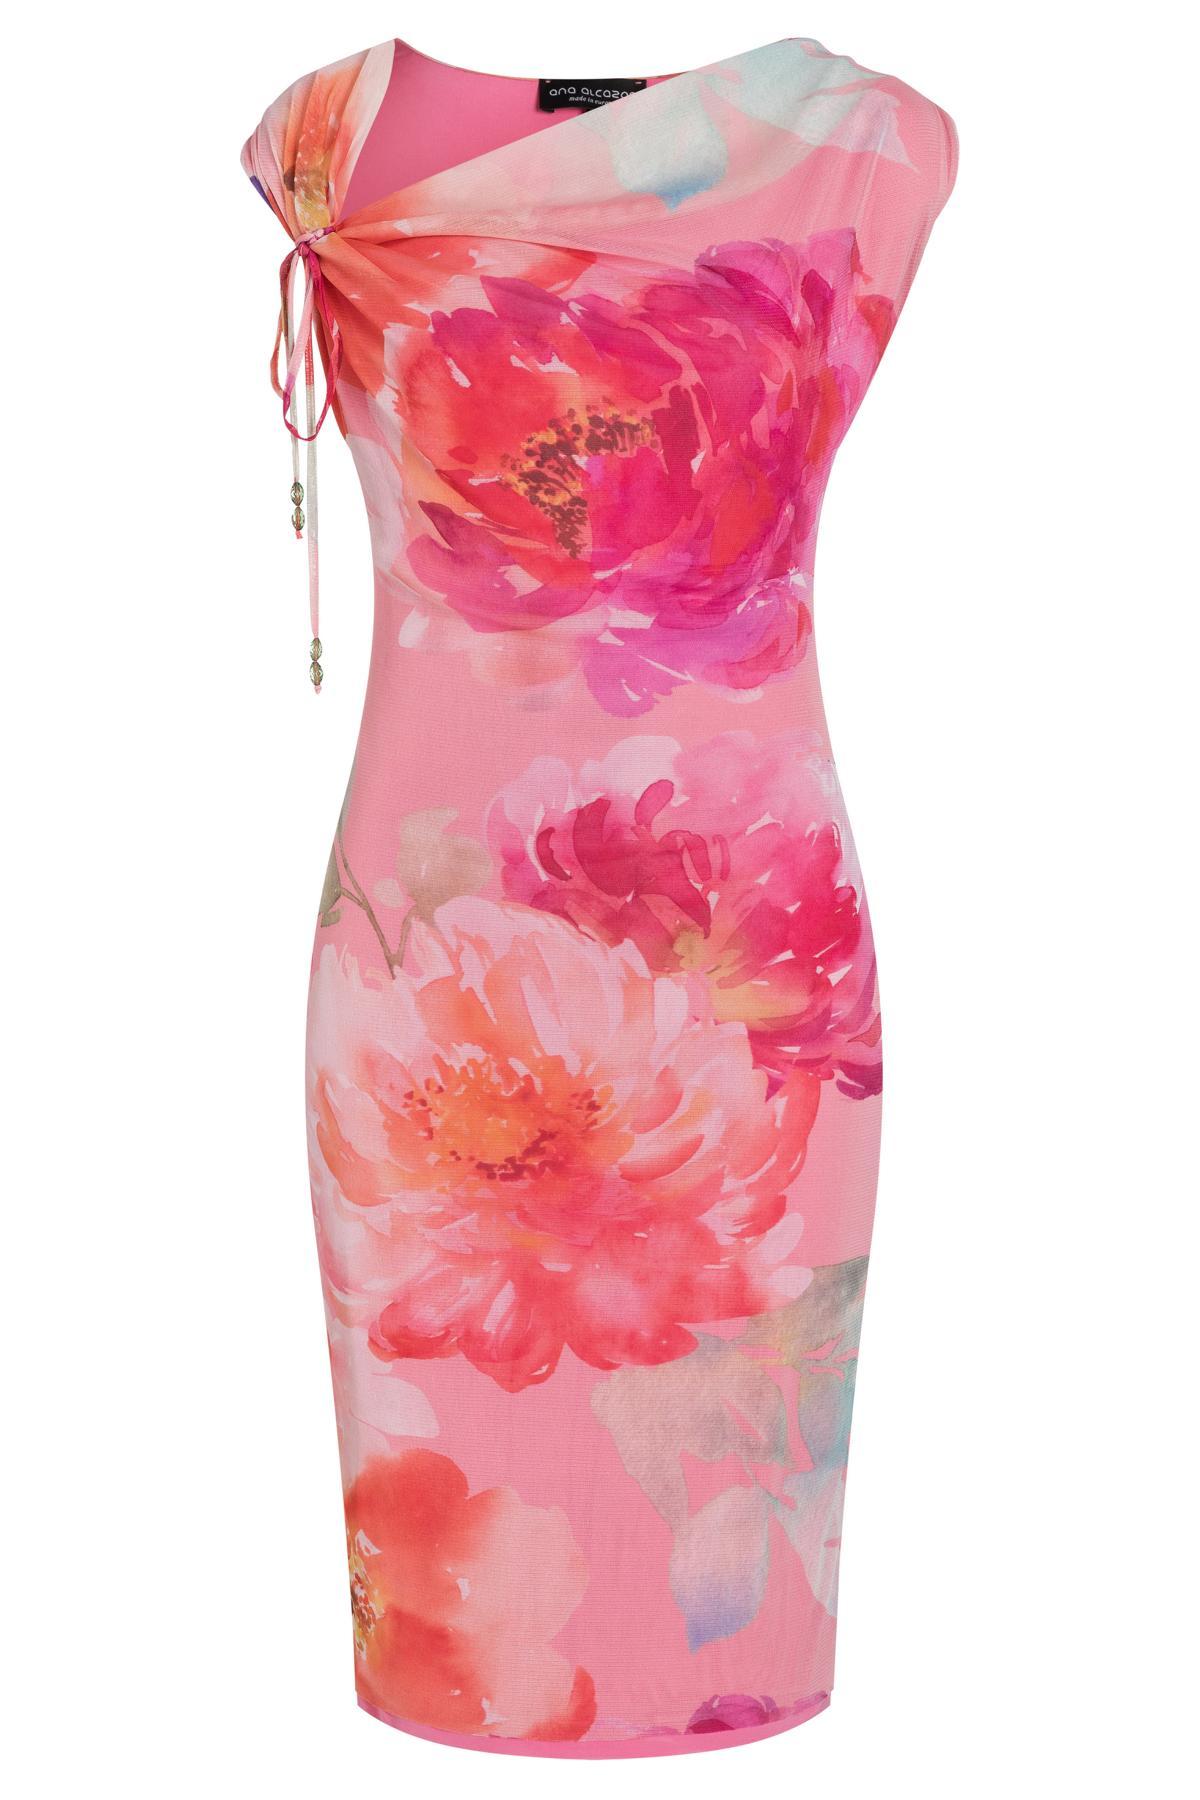 Ana Alcazar Wasserfall Kleid Teginy